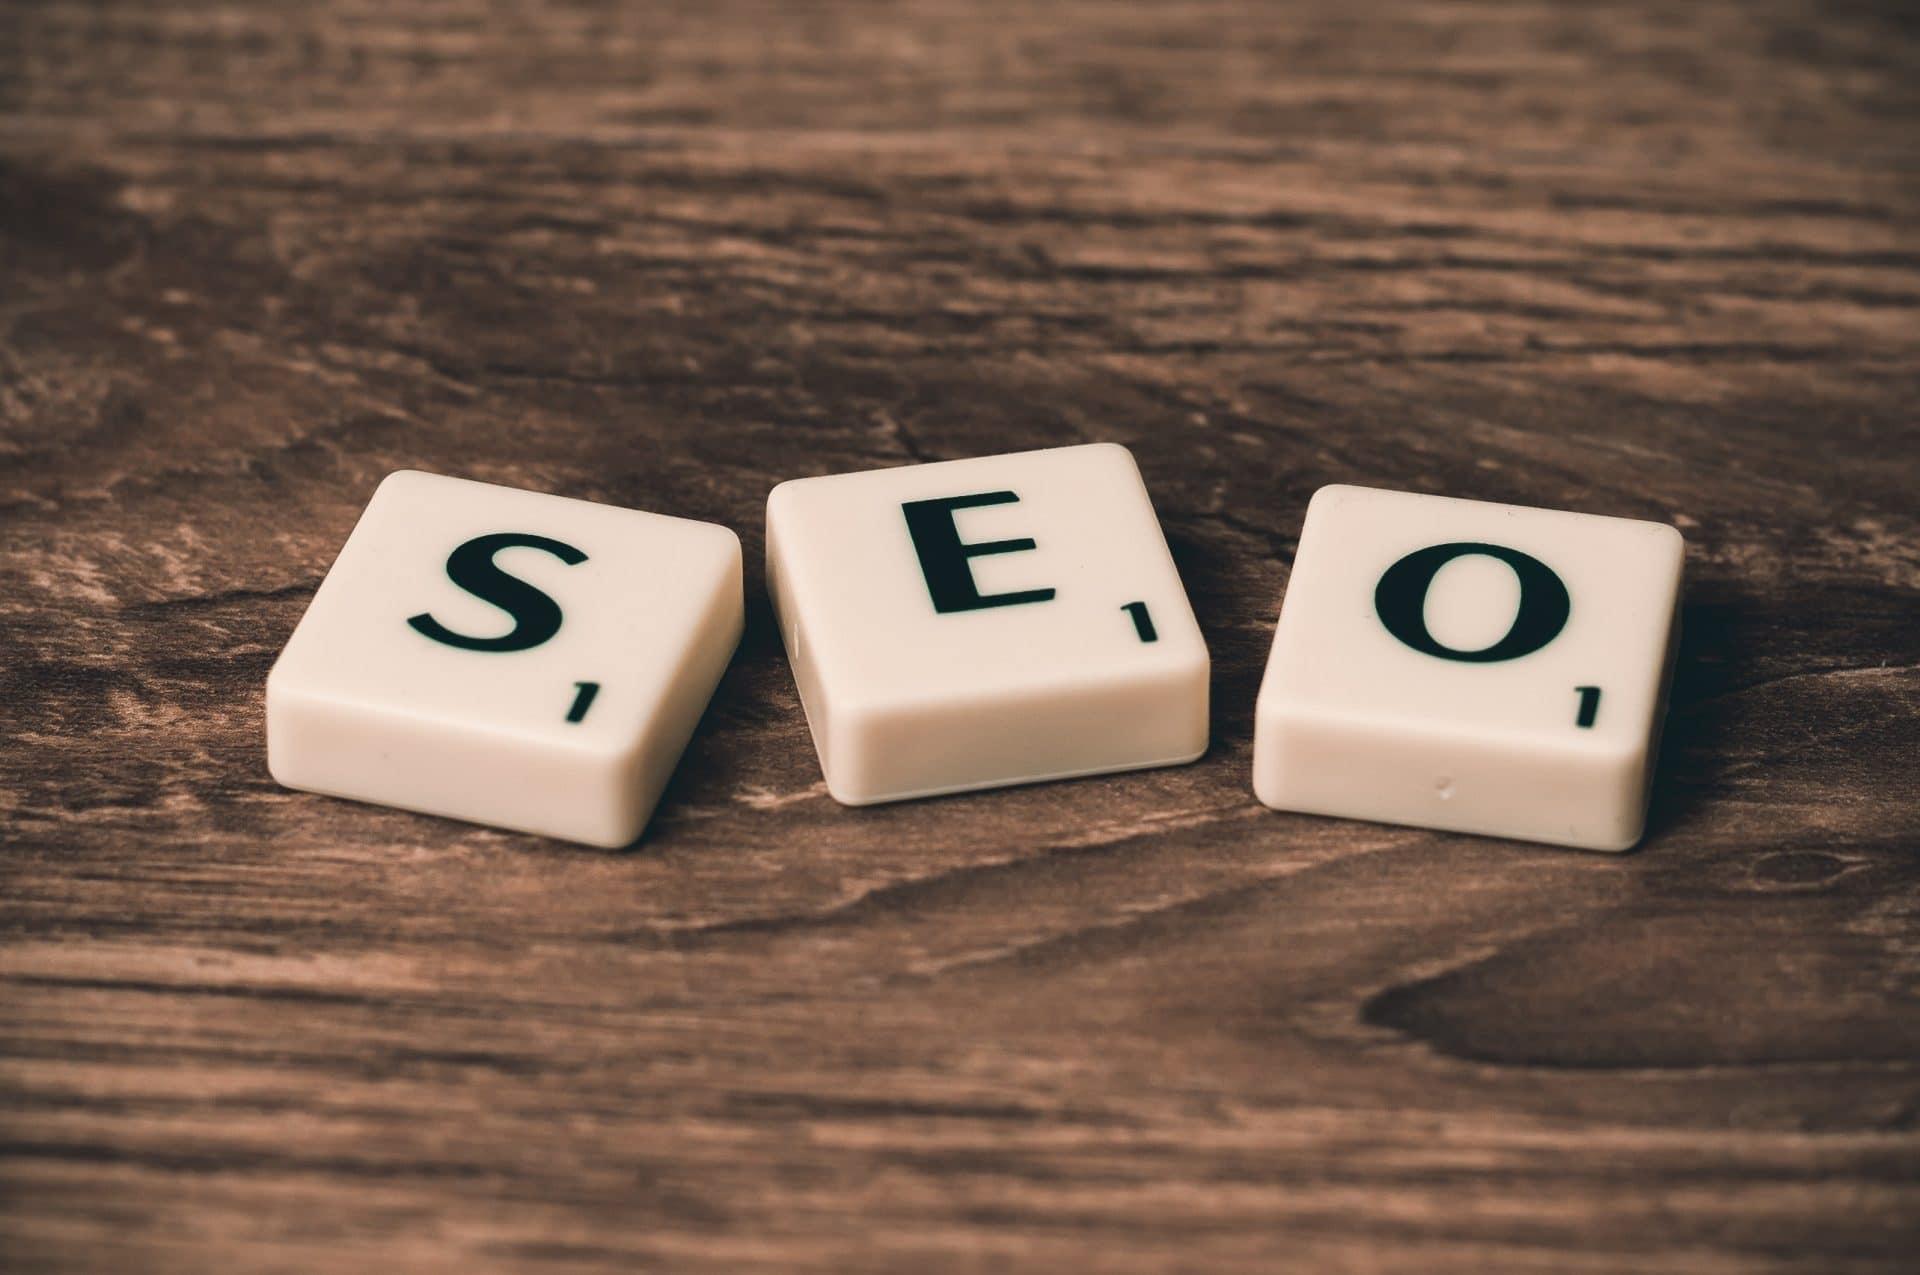 SEO קידום אתרים ושיווק באינטרנט